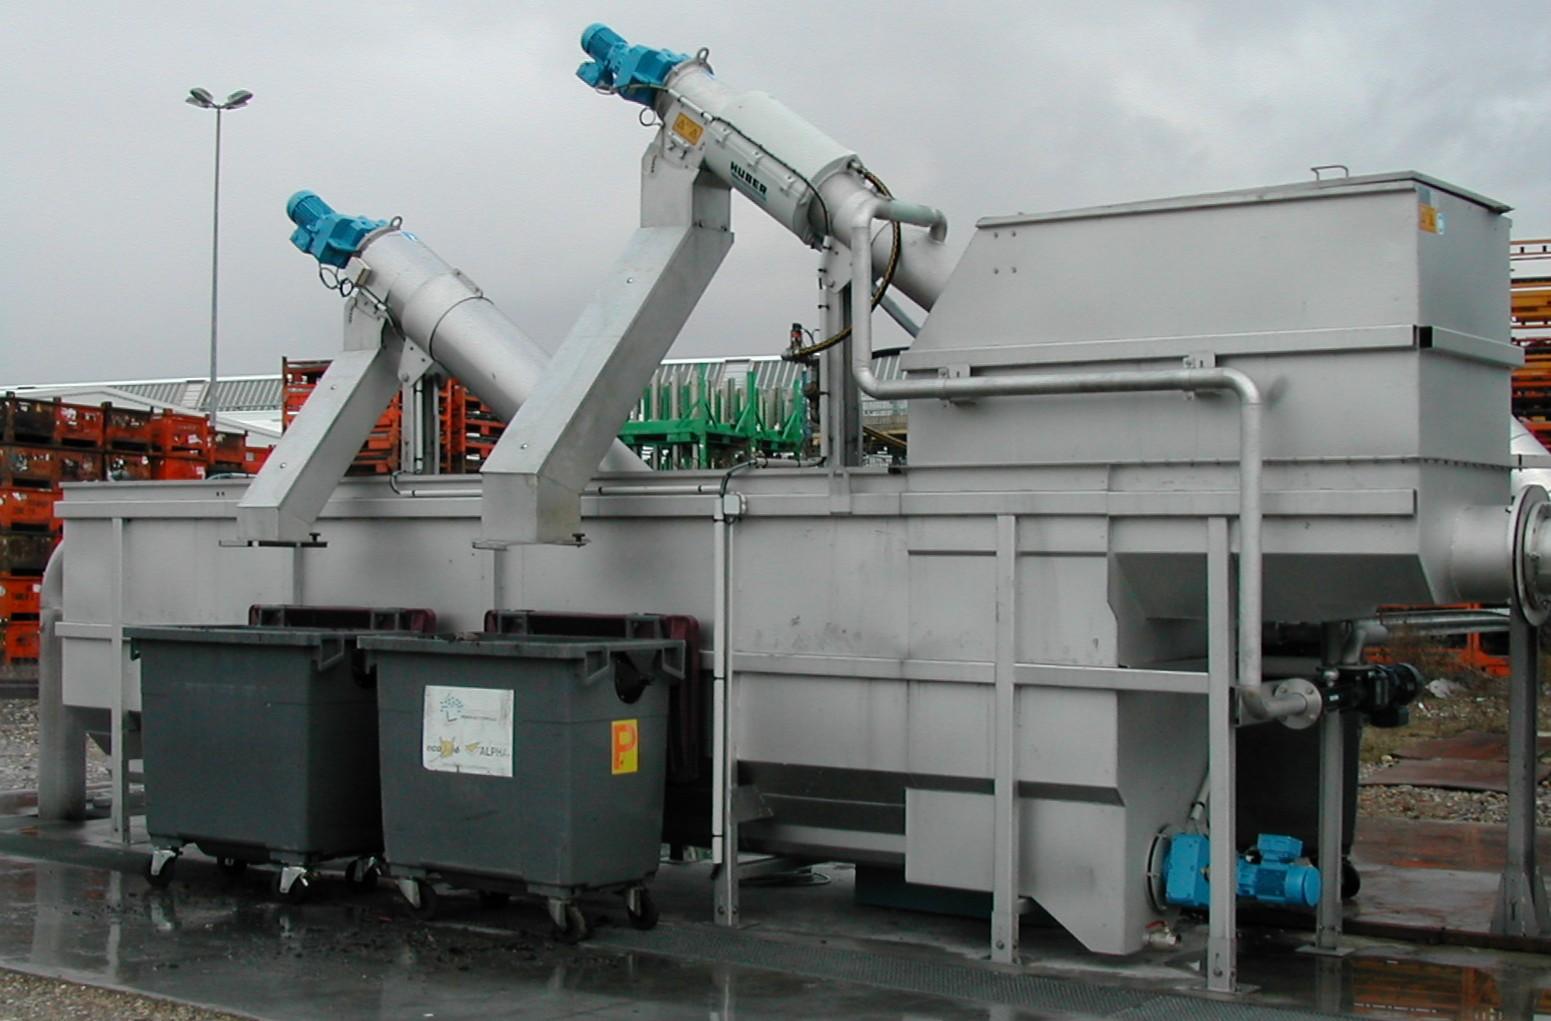 Planta de pretratamiento mecánico de aguas residuales en acero inoxidable con tamiz automatico, desarenador y eliminador de grasa